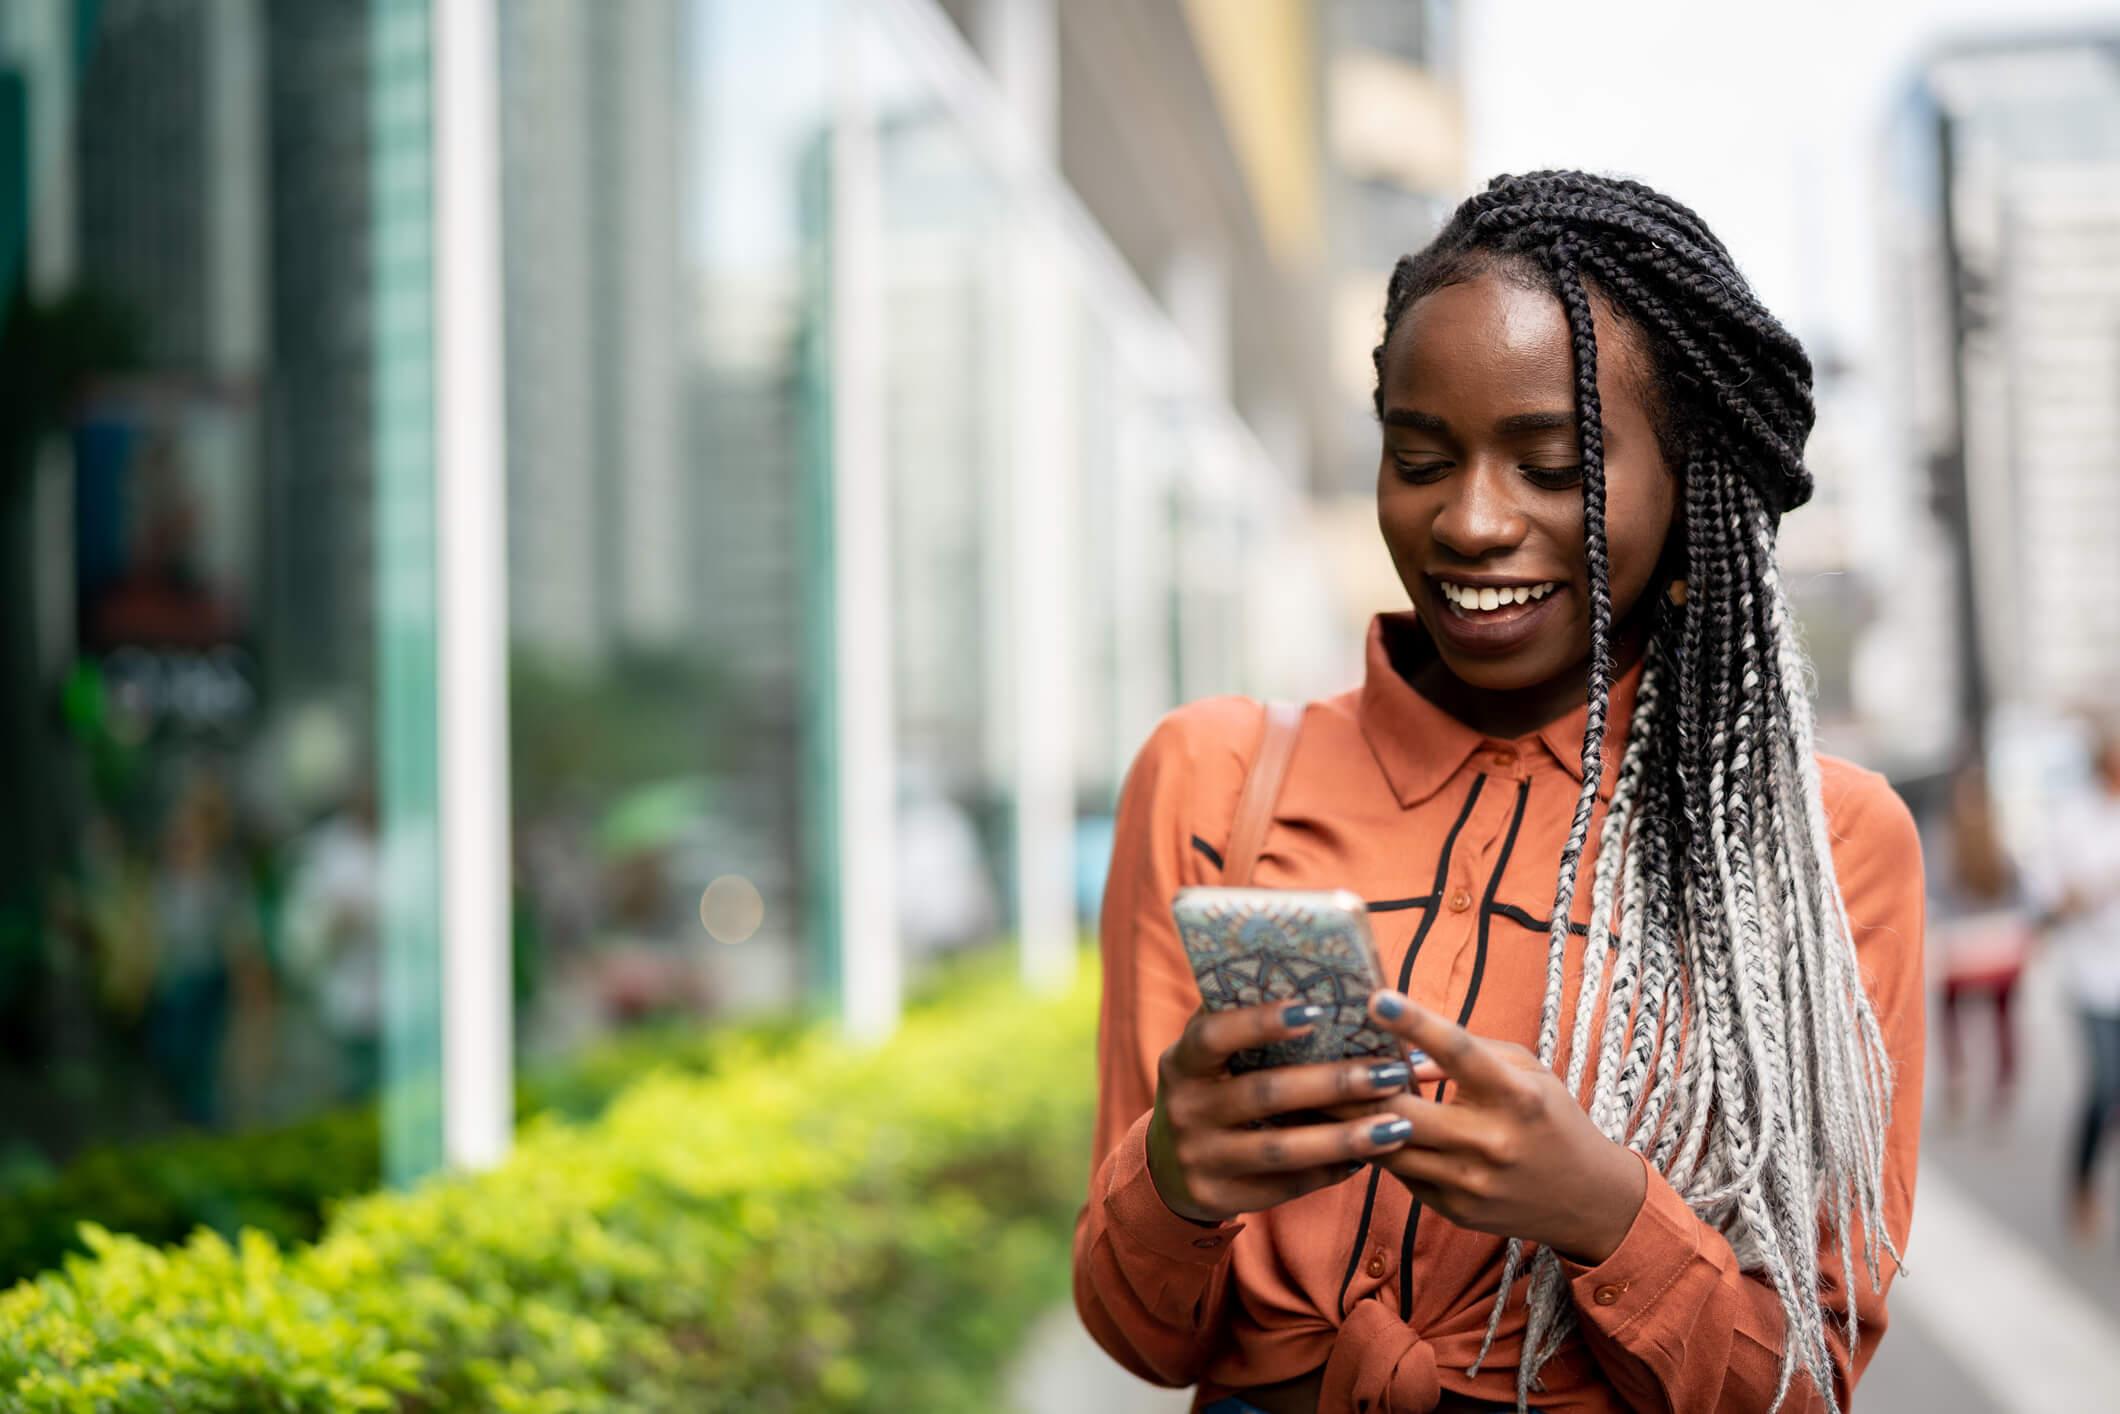 afa9affc57 Quais são redes sociais mais usadas pelos jovens atualmente? - Blog ...